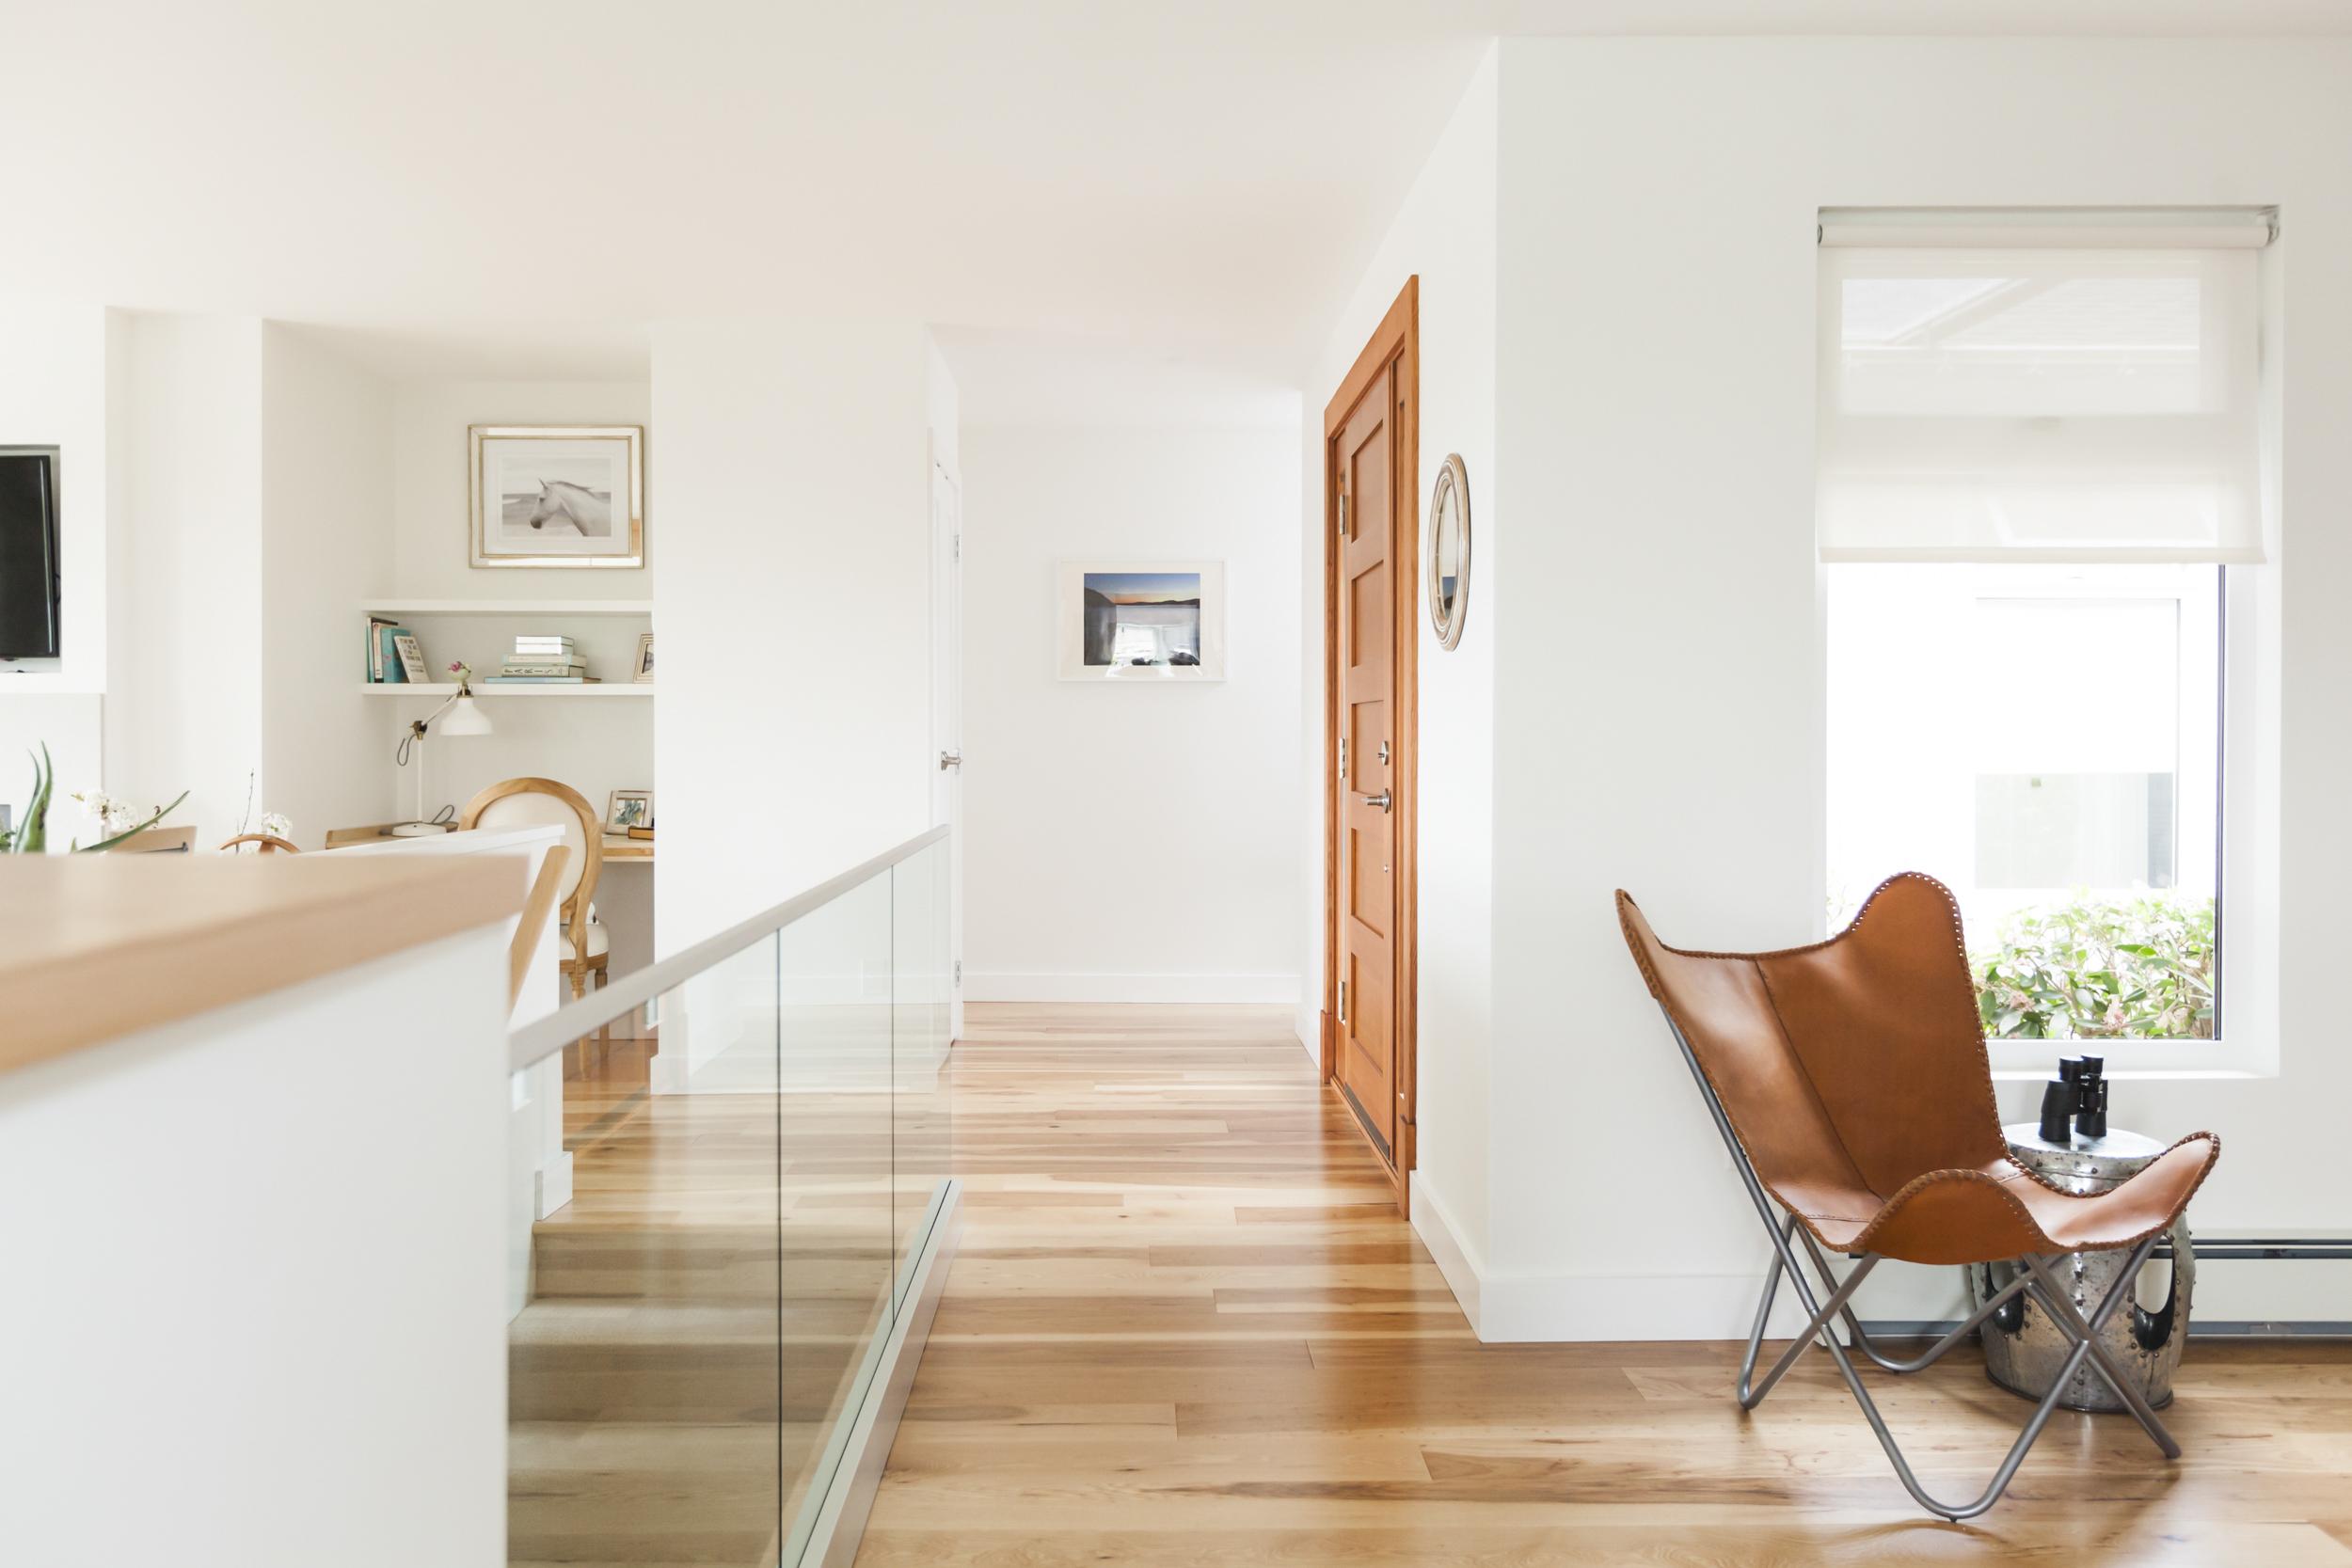 designreflektor-editorial-commercial-photopgraphy-vancouver-0282.jpg